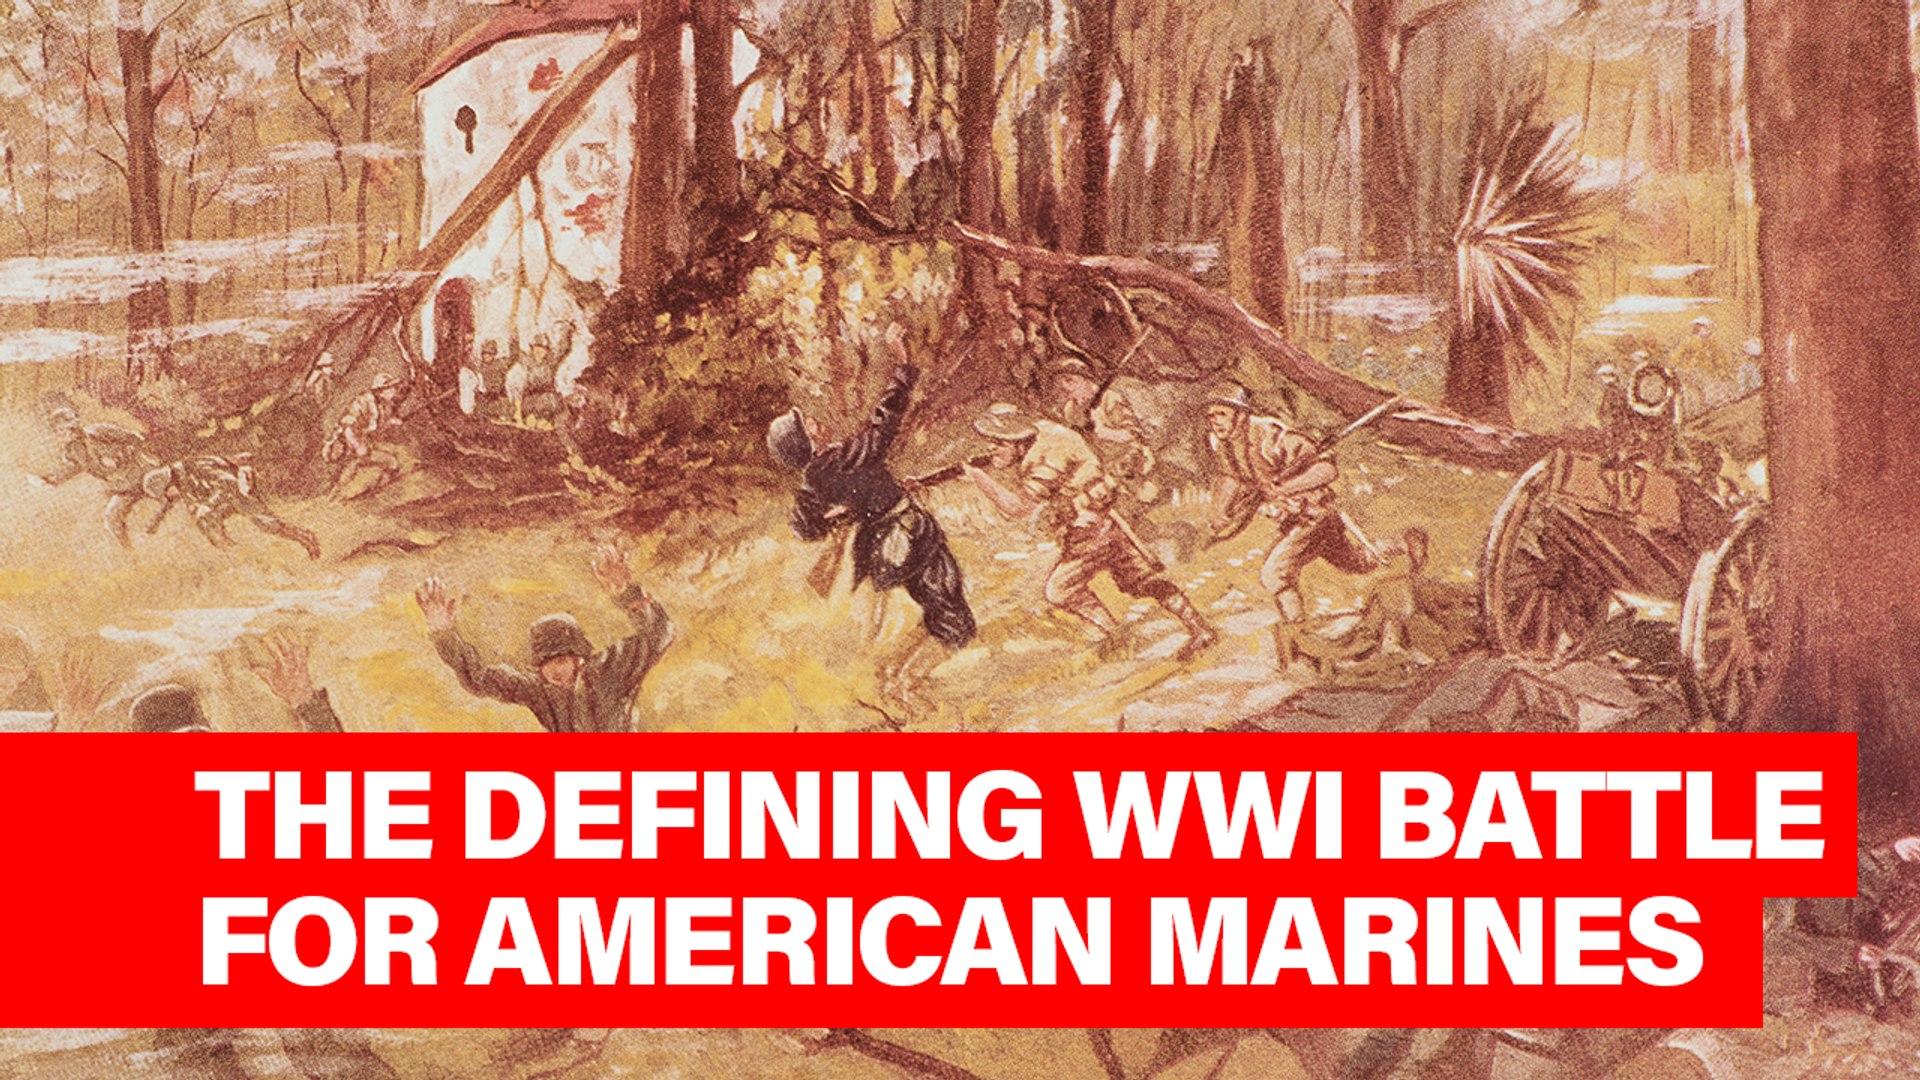 This Week in History: Battle of Belleau Wood - 1918